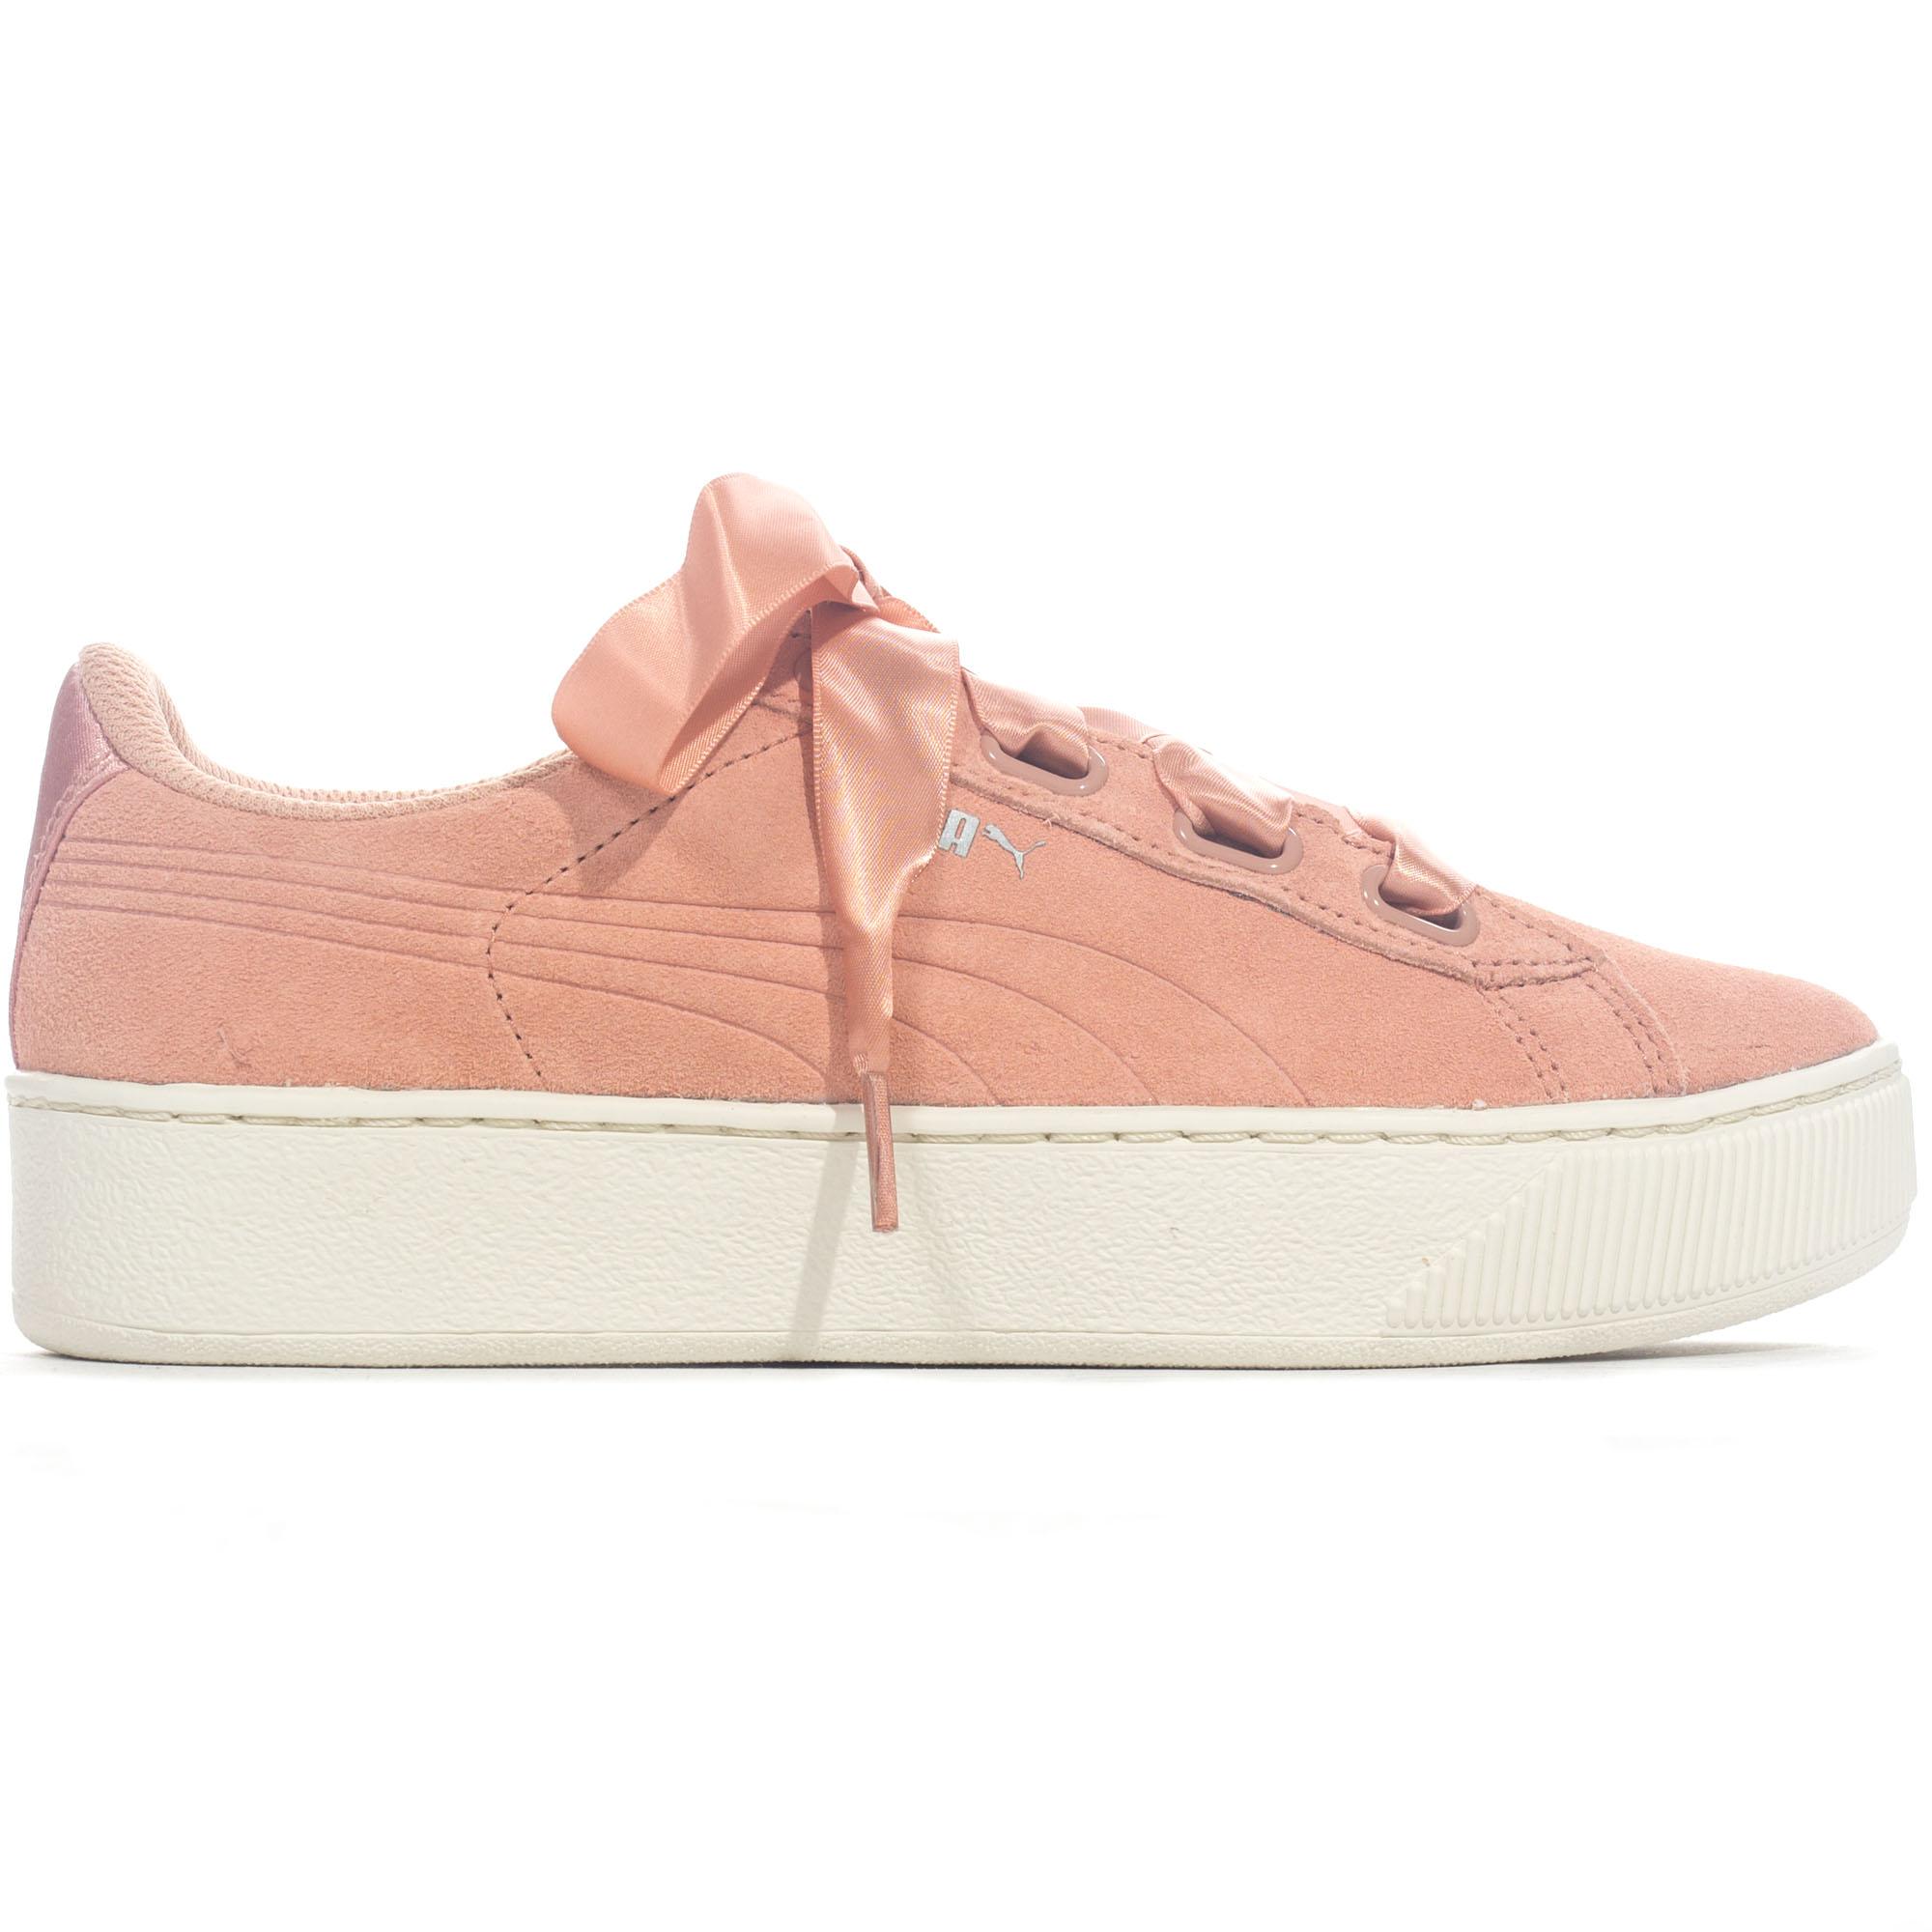 1d4fdacb57af Details about Puma Vikky Platform Ribbon Suede Womens Fashion Trainer Shoe  Coral